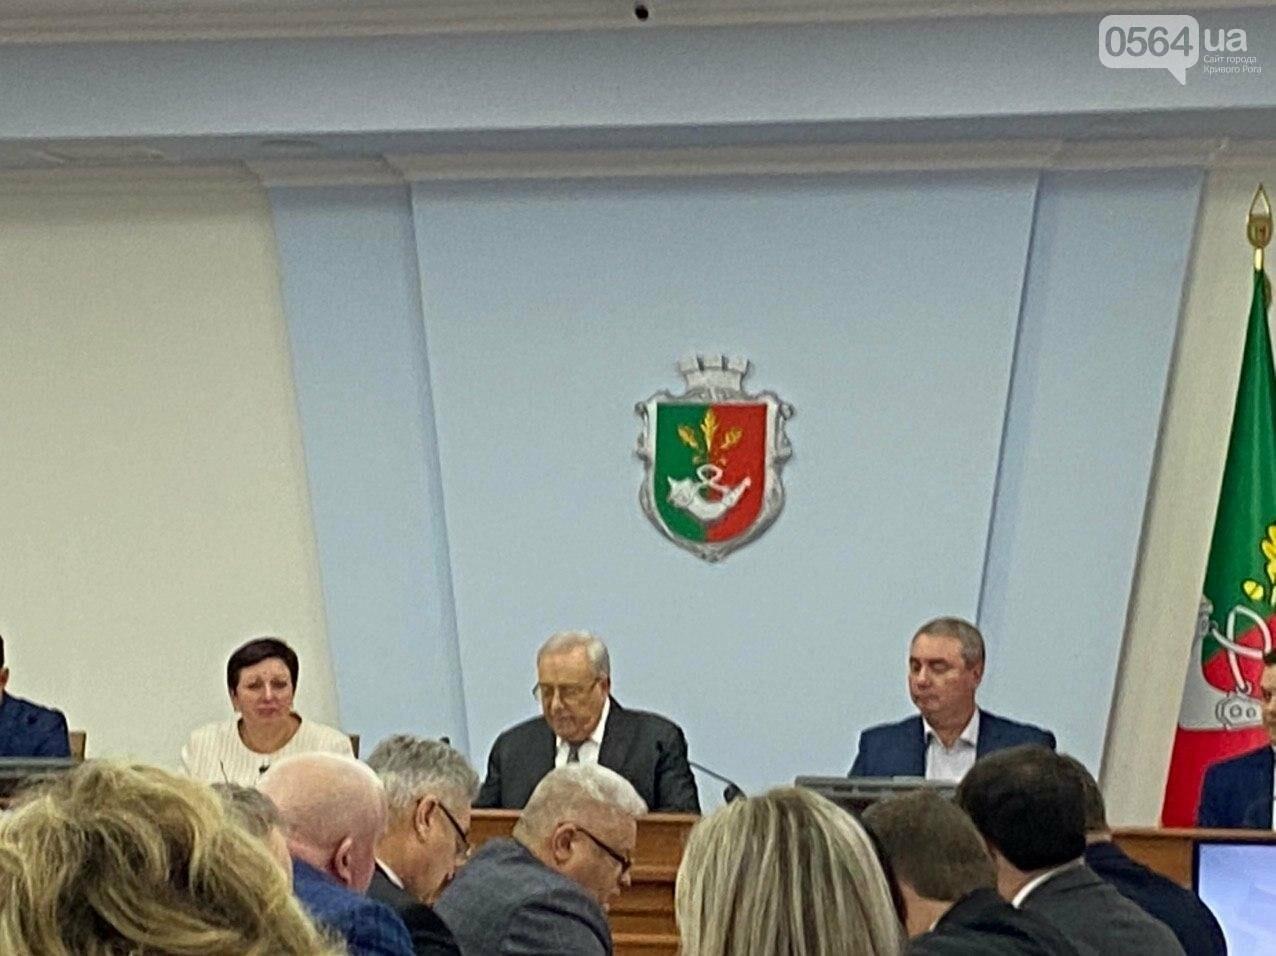 Криворожские чиновники собрались на первое в 2020 заседание горисполкома, - ФОТО, фото-9